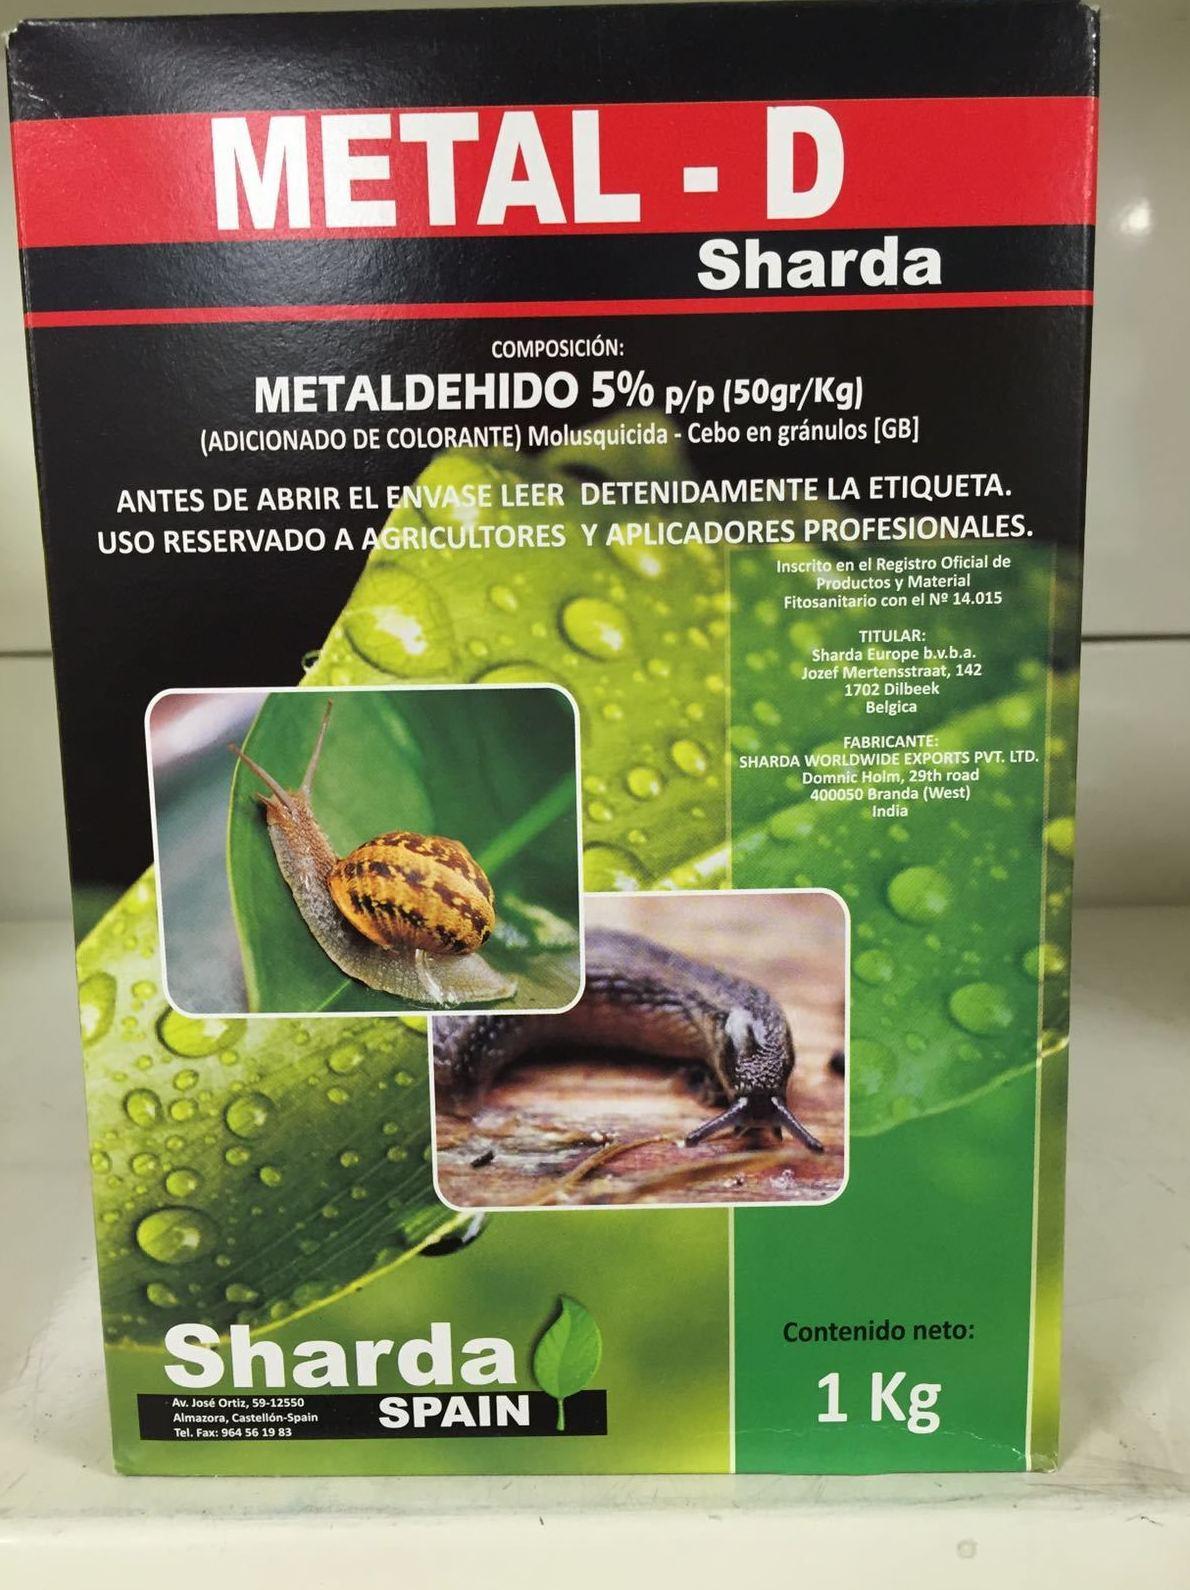 Productos para combatir plagas